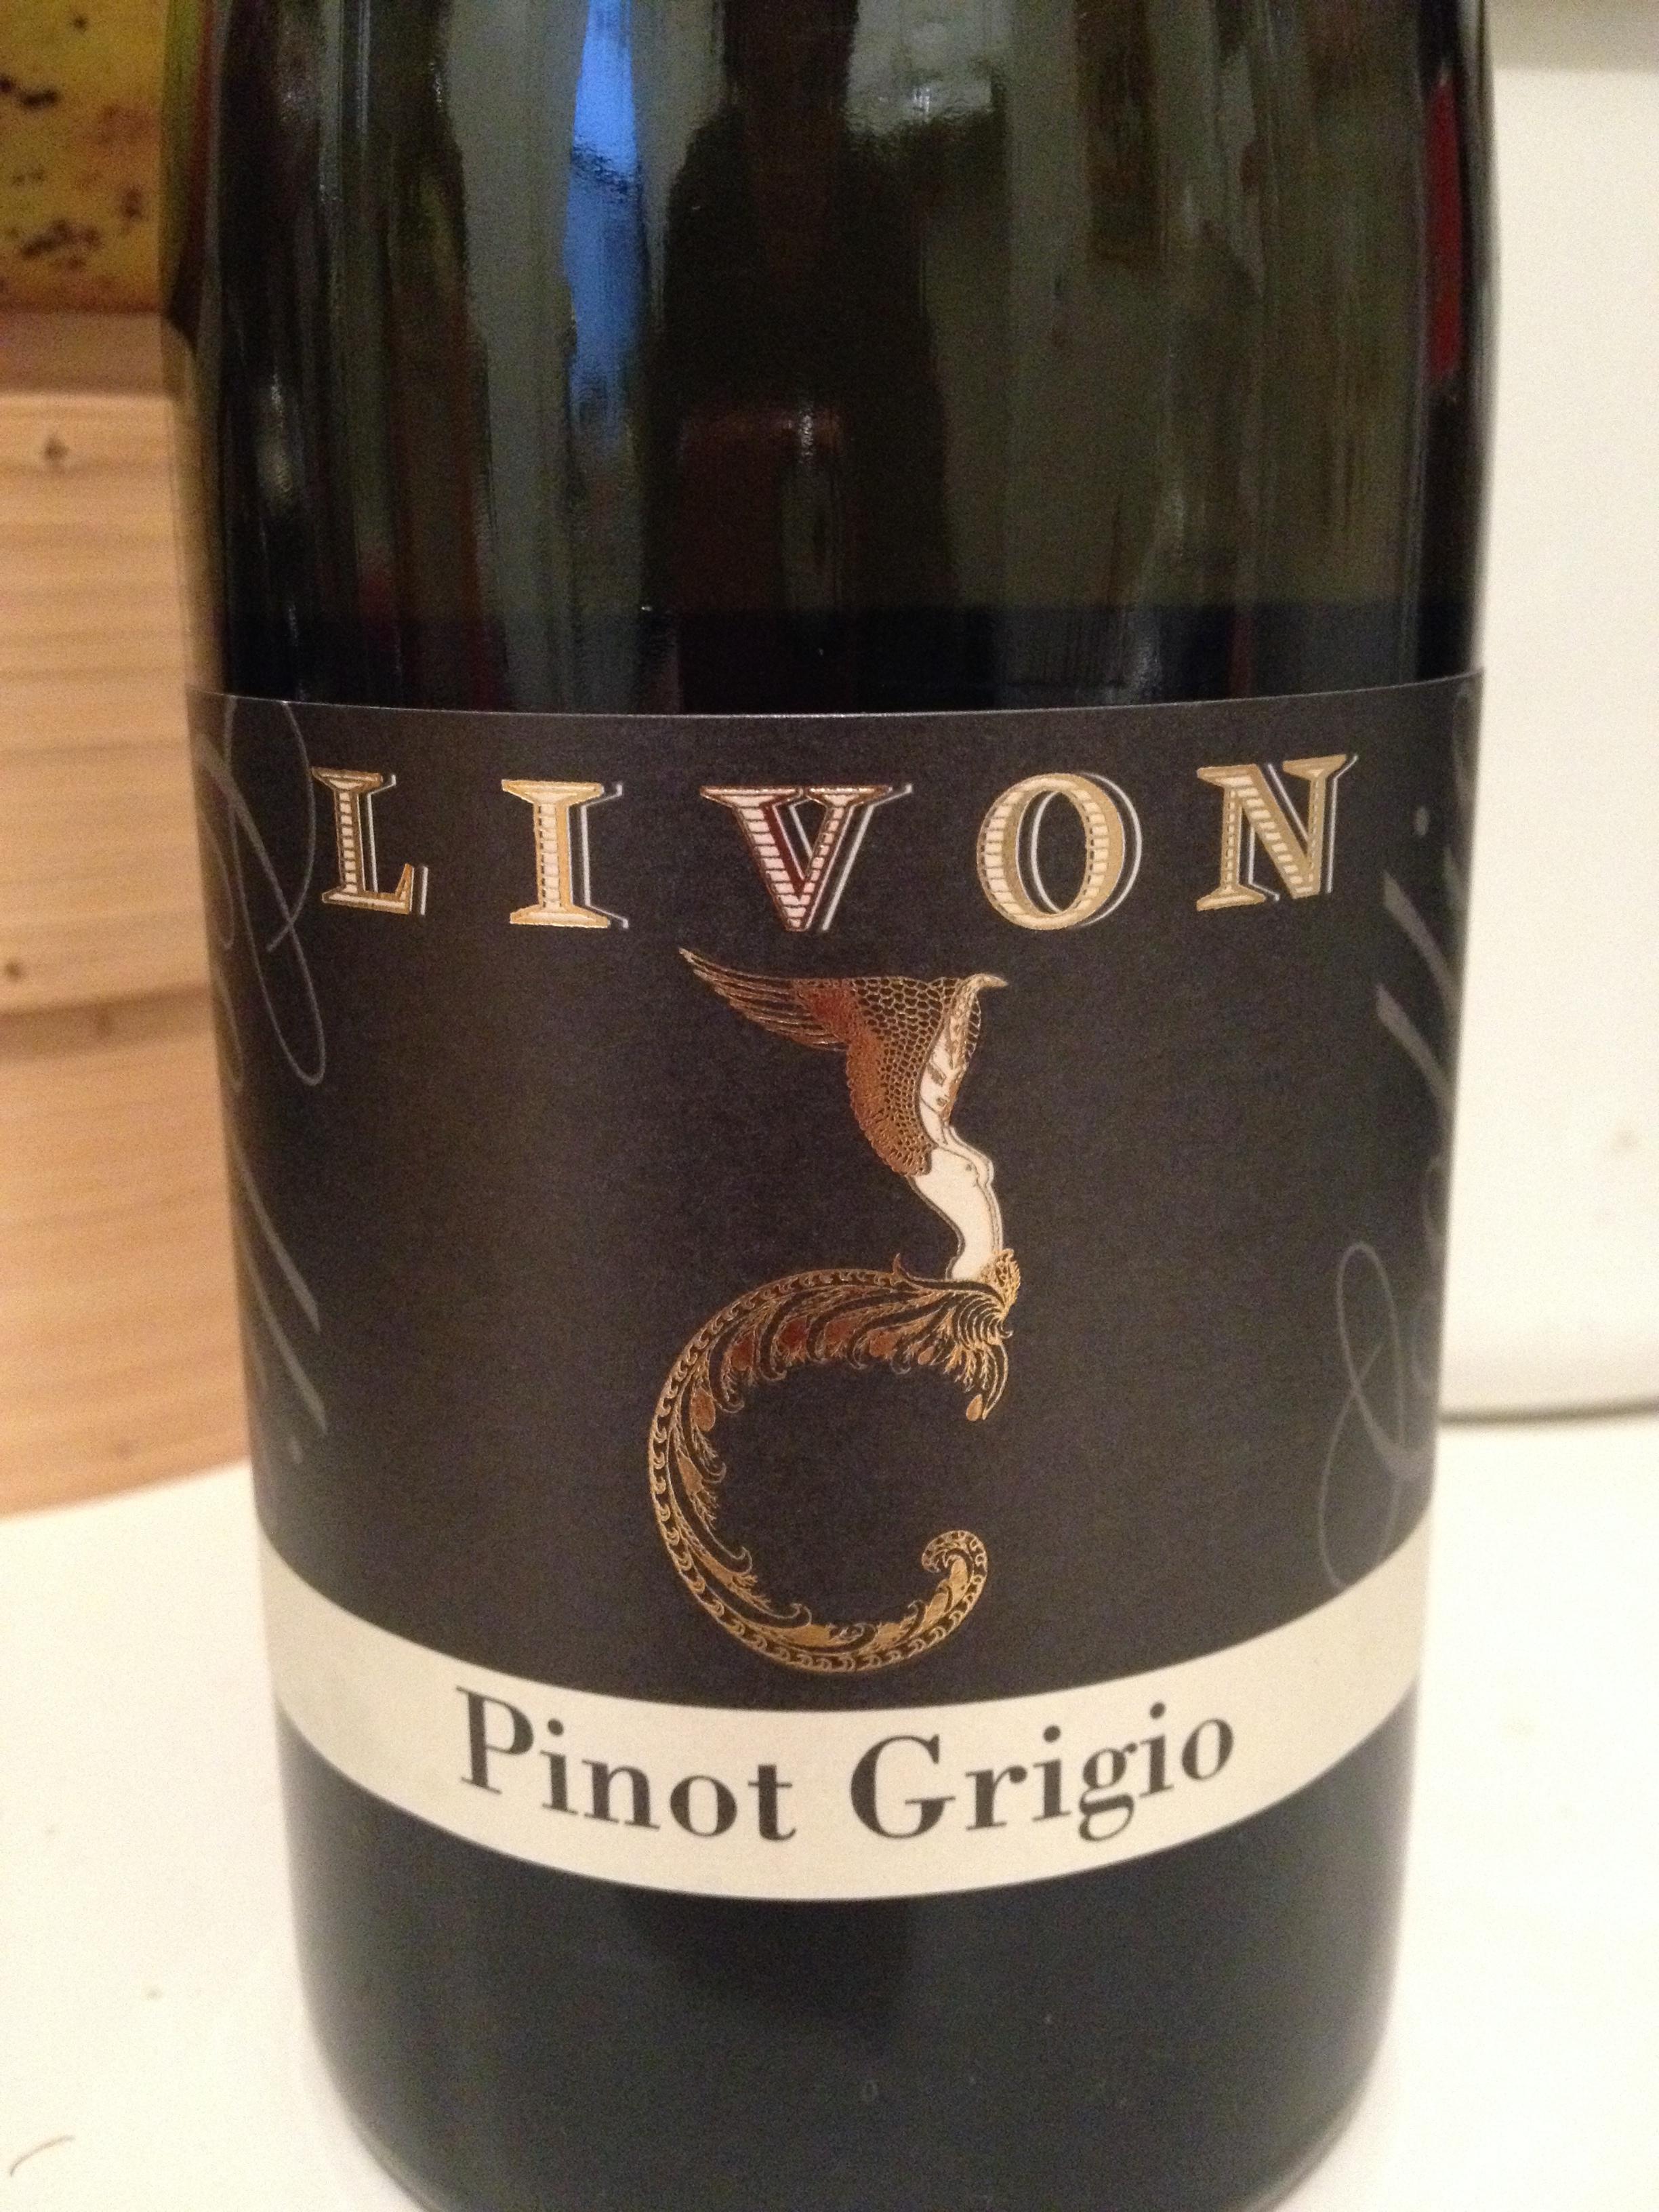 2013 Livon, Pinot Grigio, Friuli-Venezia Giulia, Collio DOC 1